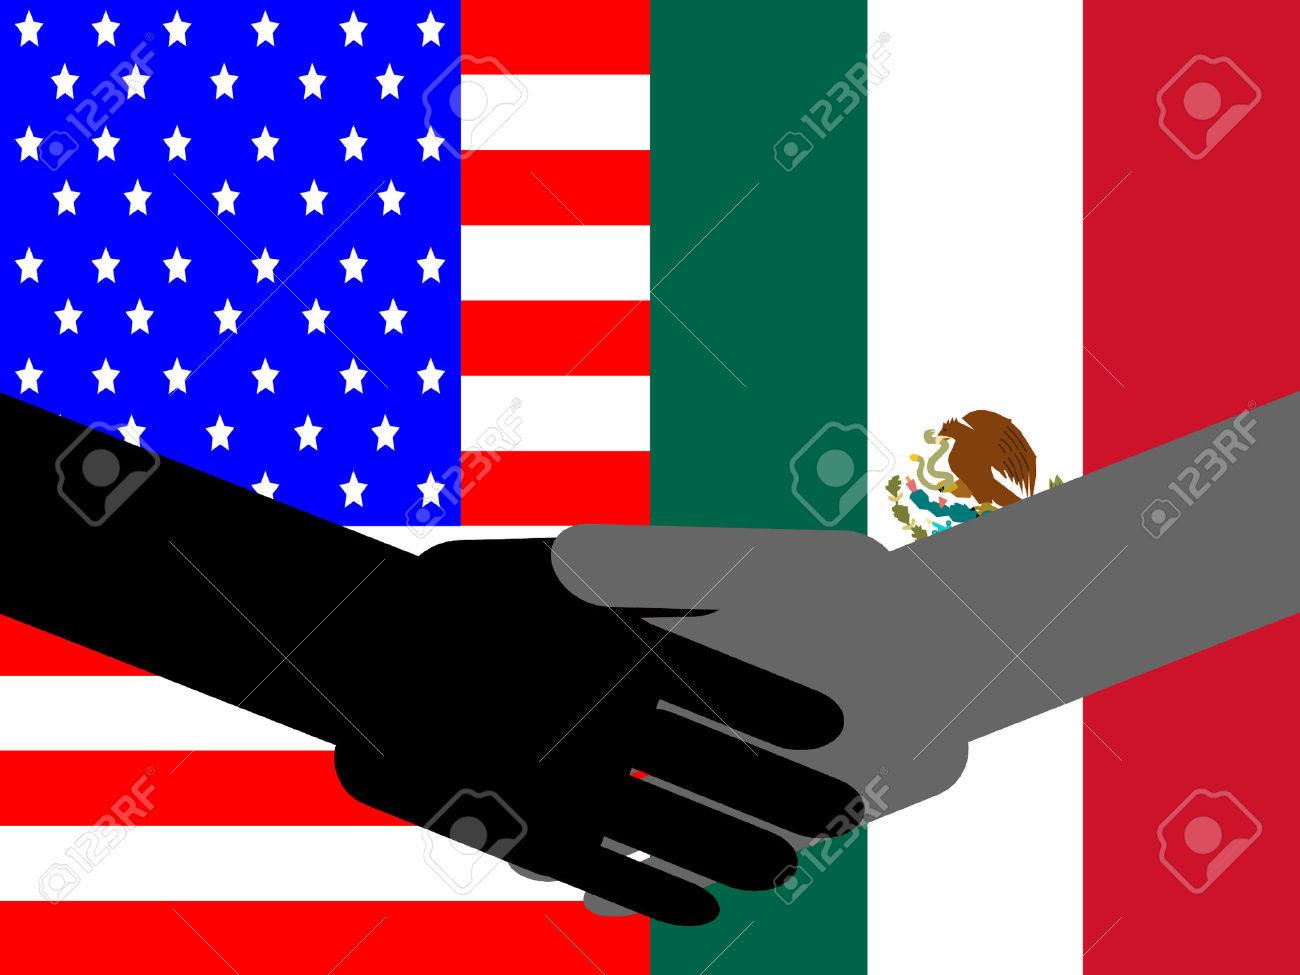 Us flag mexian flag clipart vector royalty free download Us flag mexian flag clipart - ClipartFest vector royalty free download